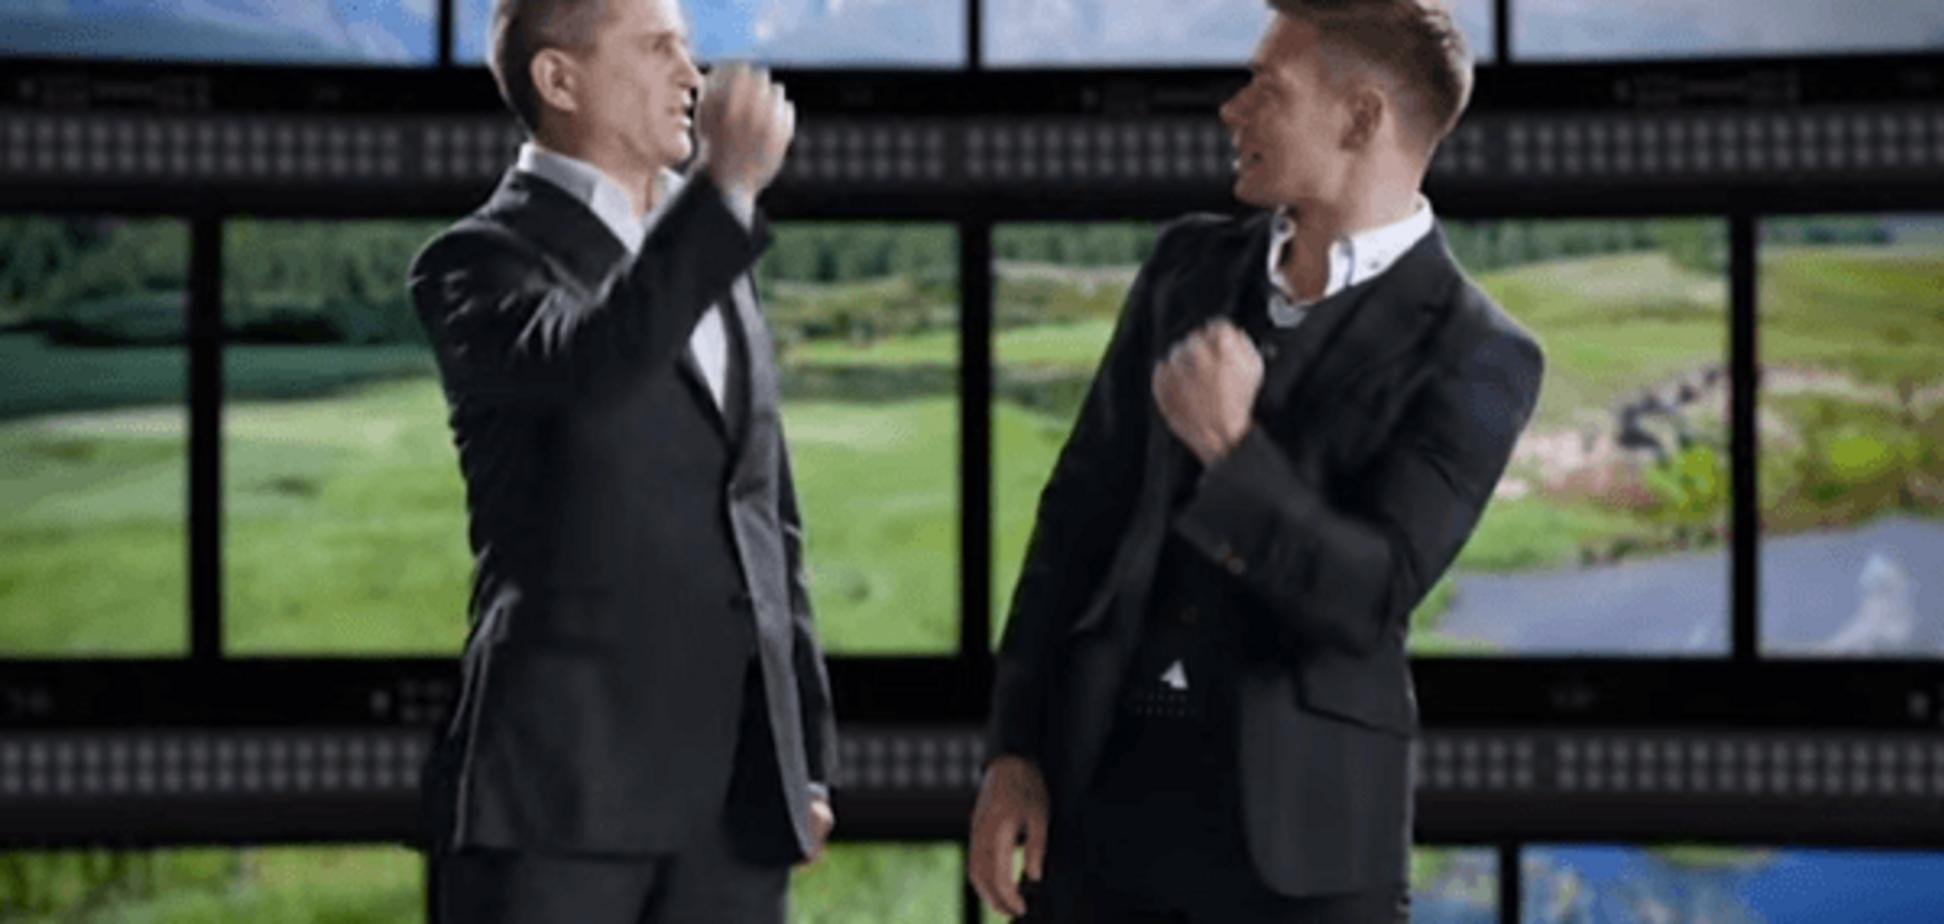 Спикер Следкома снялся в 'убойном' видео на фоне Пьехи и флагов 'ДНР'